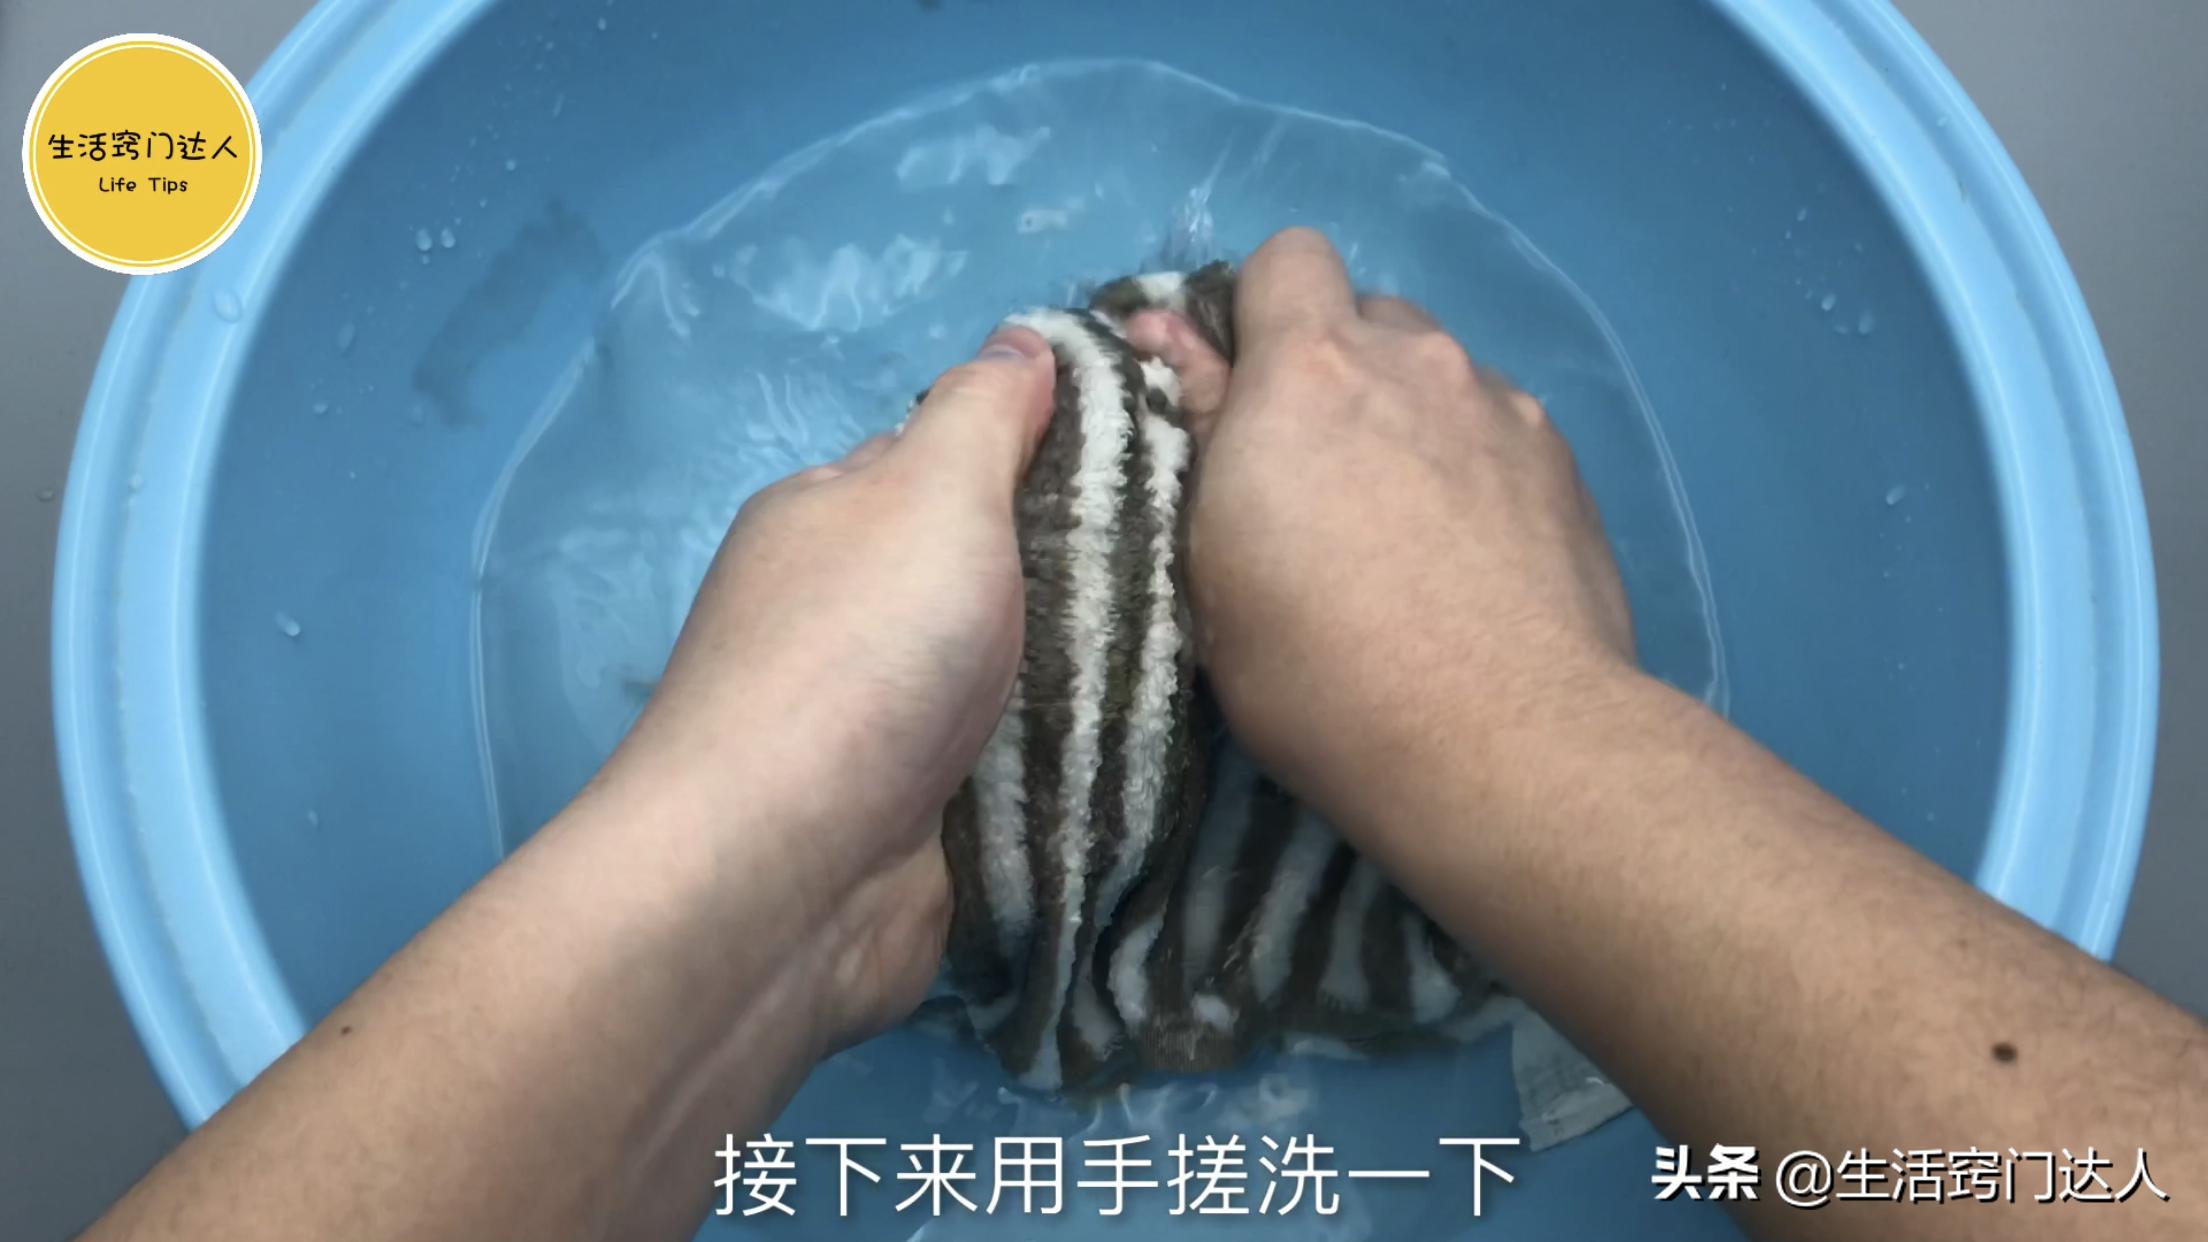 这是我见过洗毛巾最正确方法,简单又方便,多脏的毛巾也能洗干净 清洗毛巾 第7张